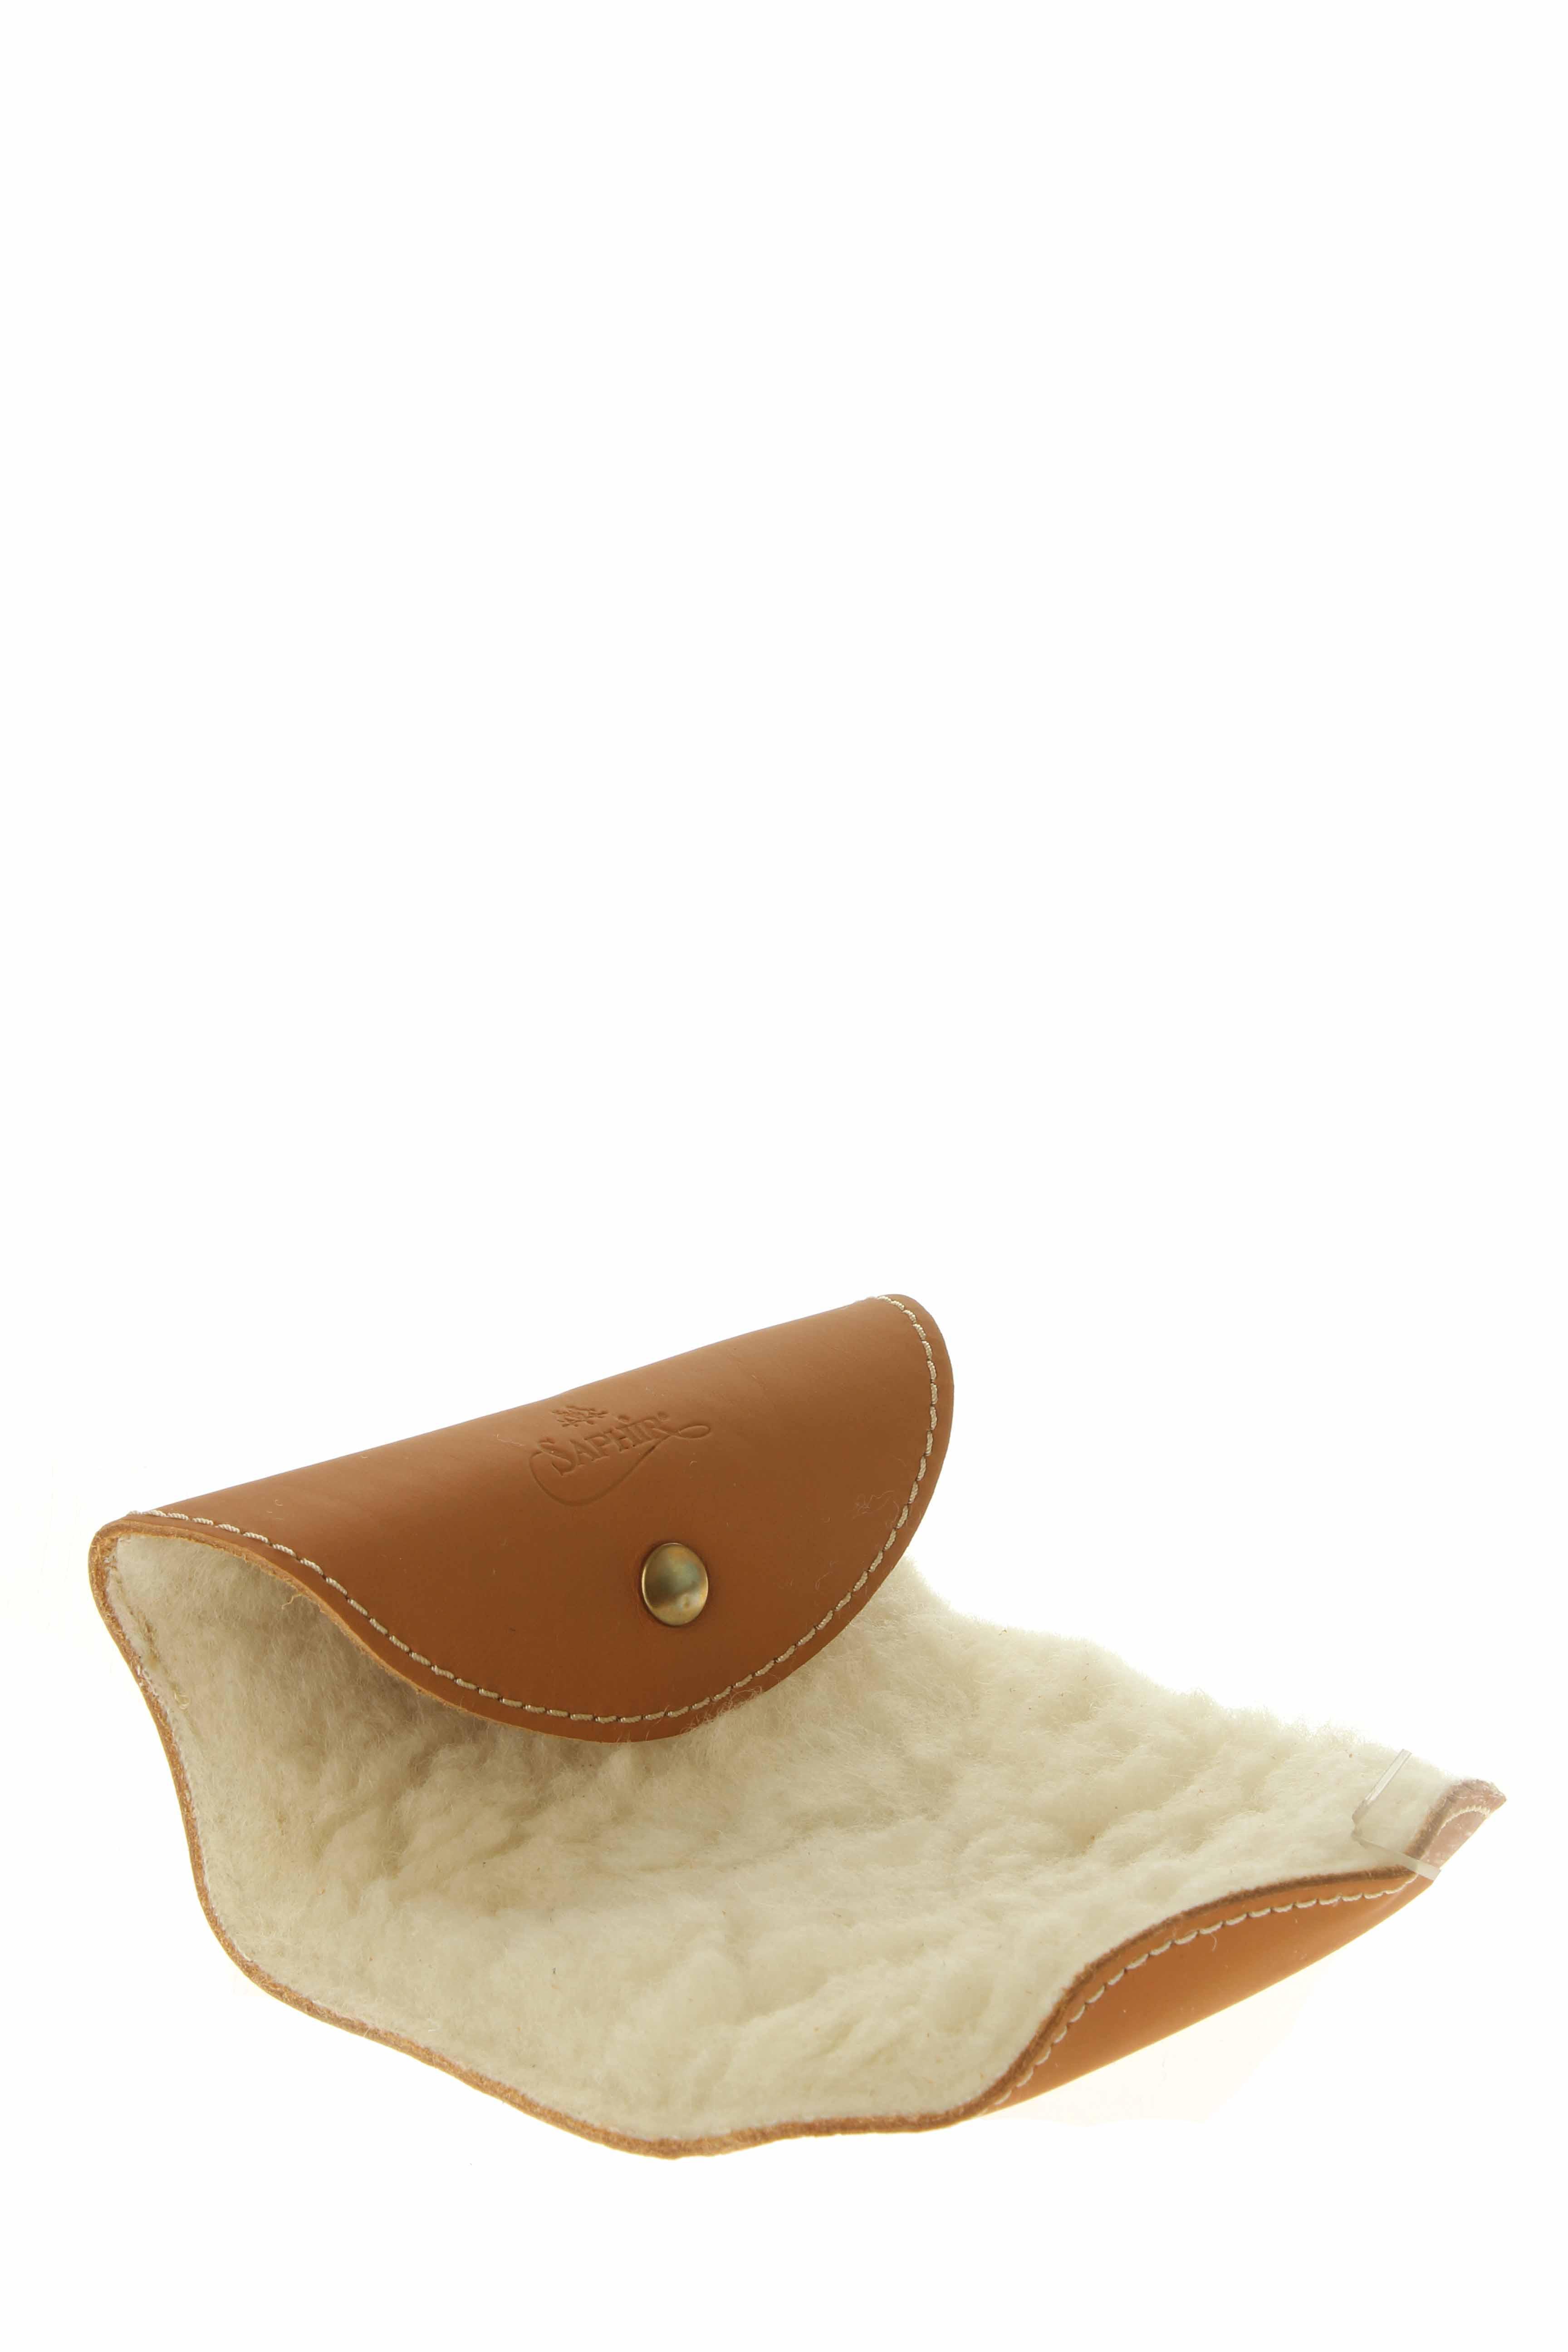 Мужская Обувь Детская Обувь Женская Обувь Женская Мужская Другое Салфетка: Saphir Другое